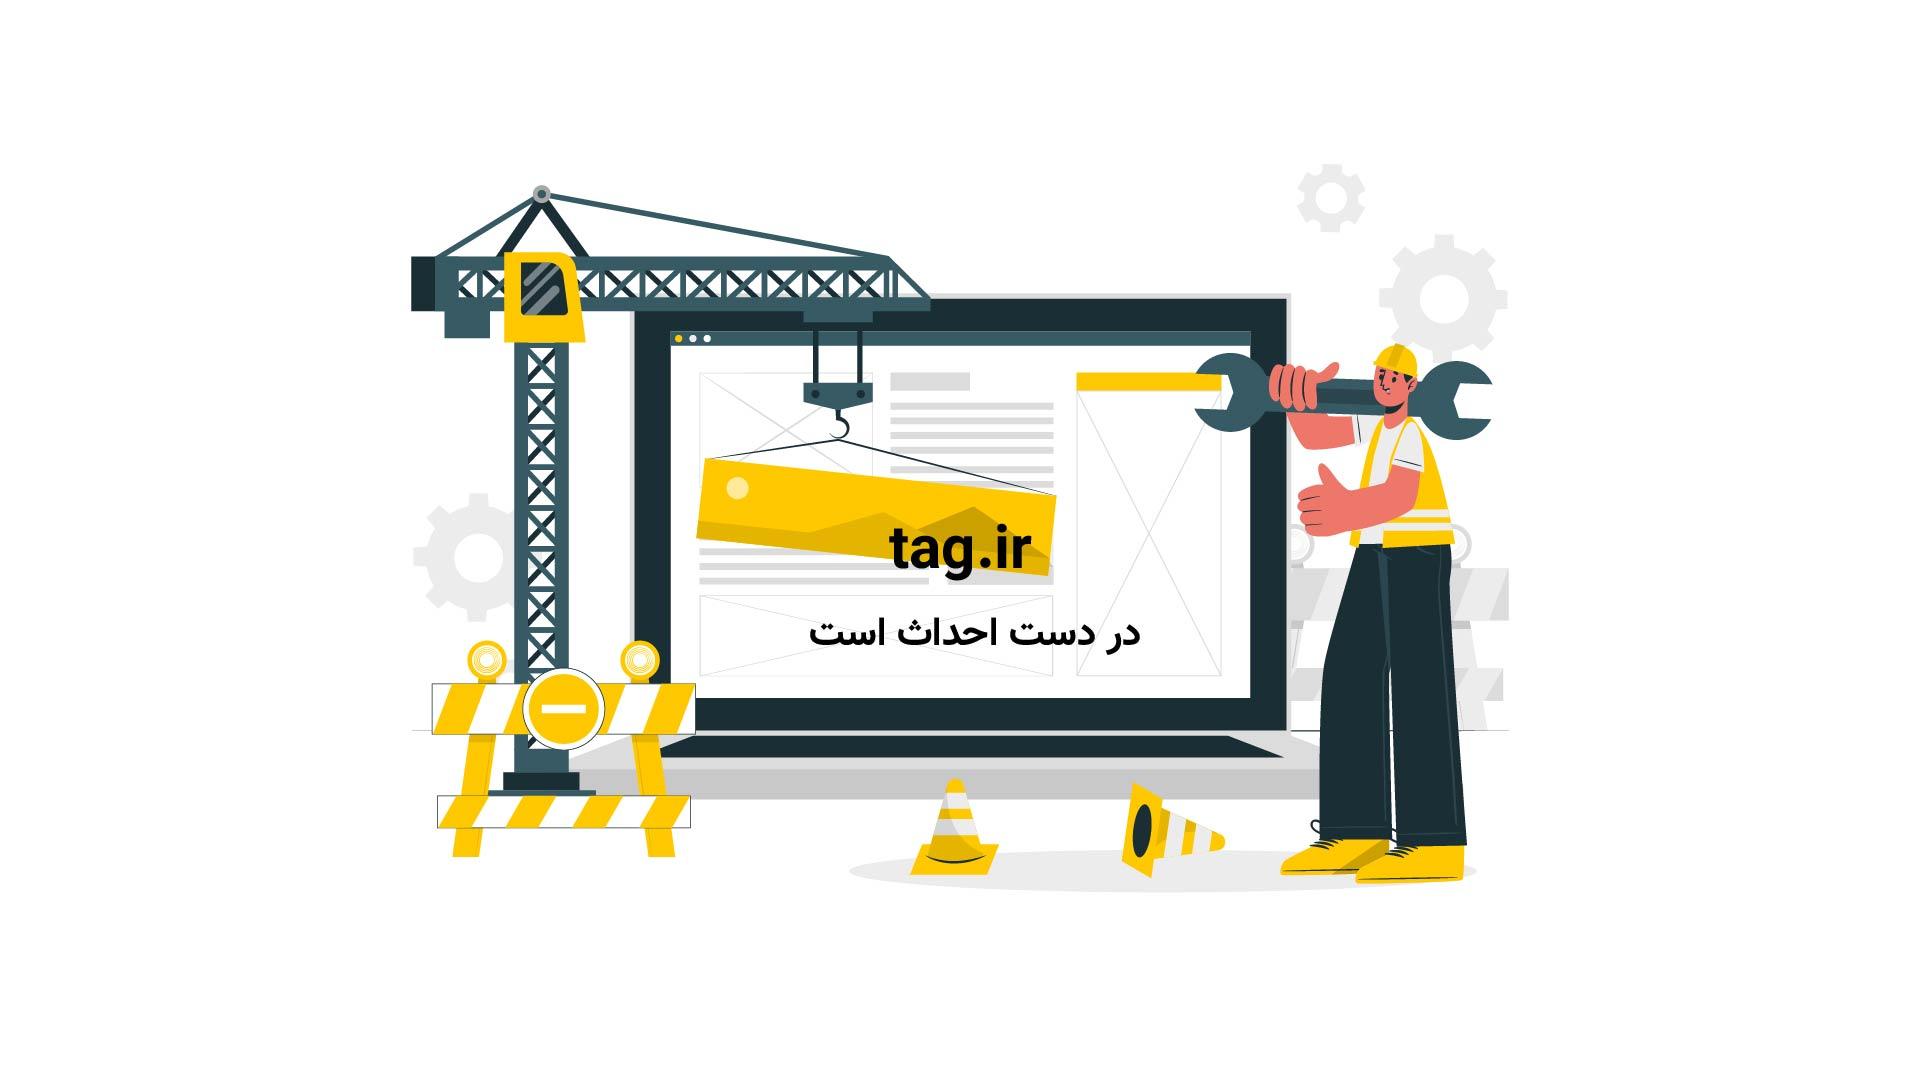 حمله شیرهای نر گرسنه به گله بوفالوها | فیلم